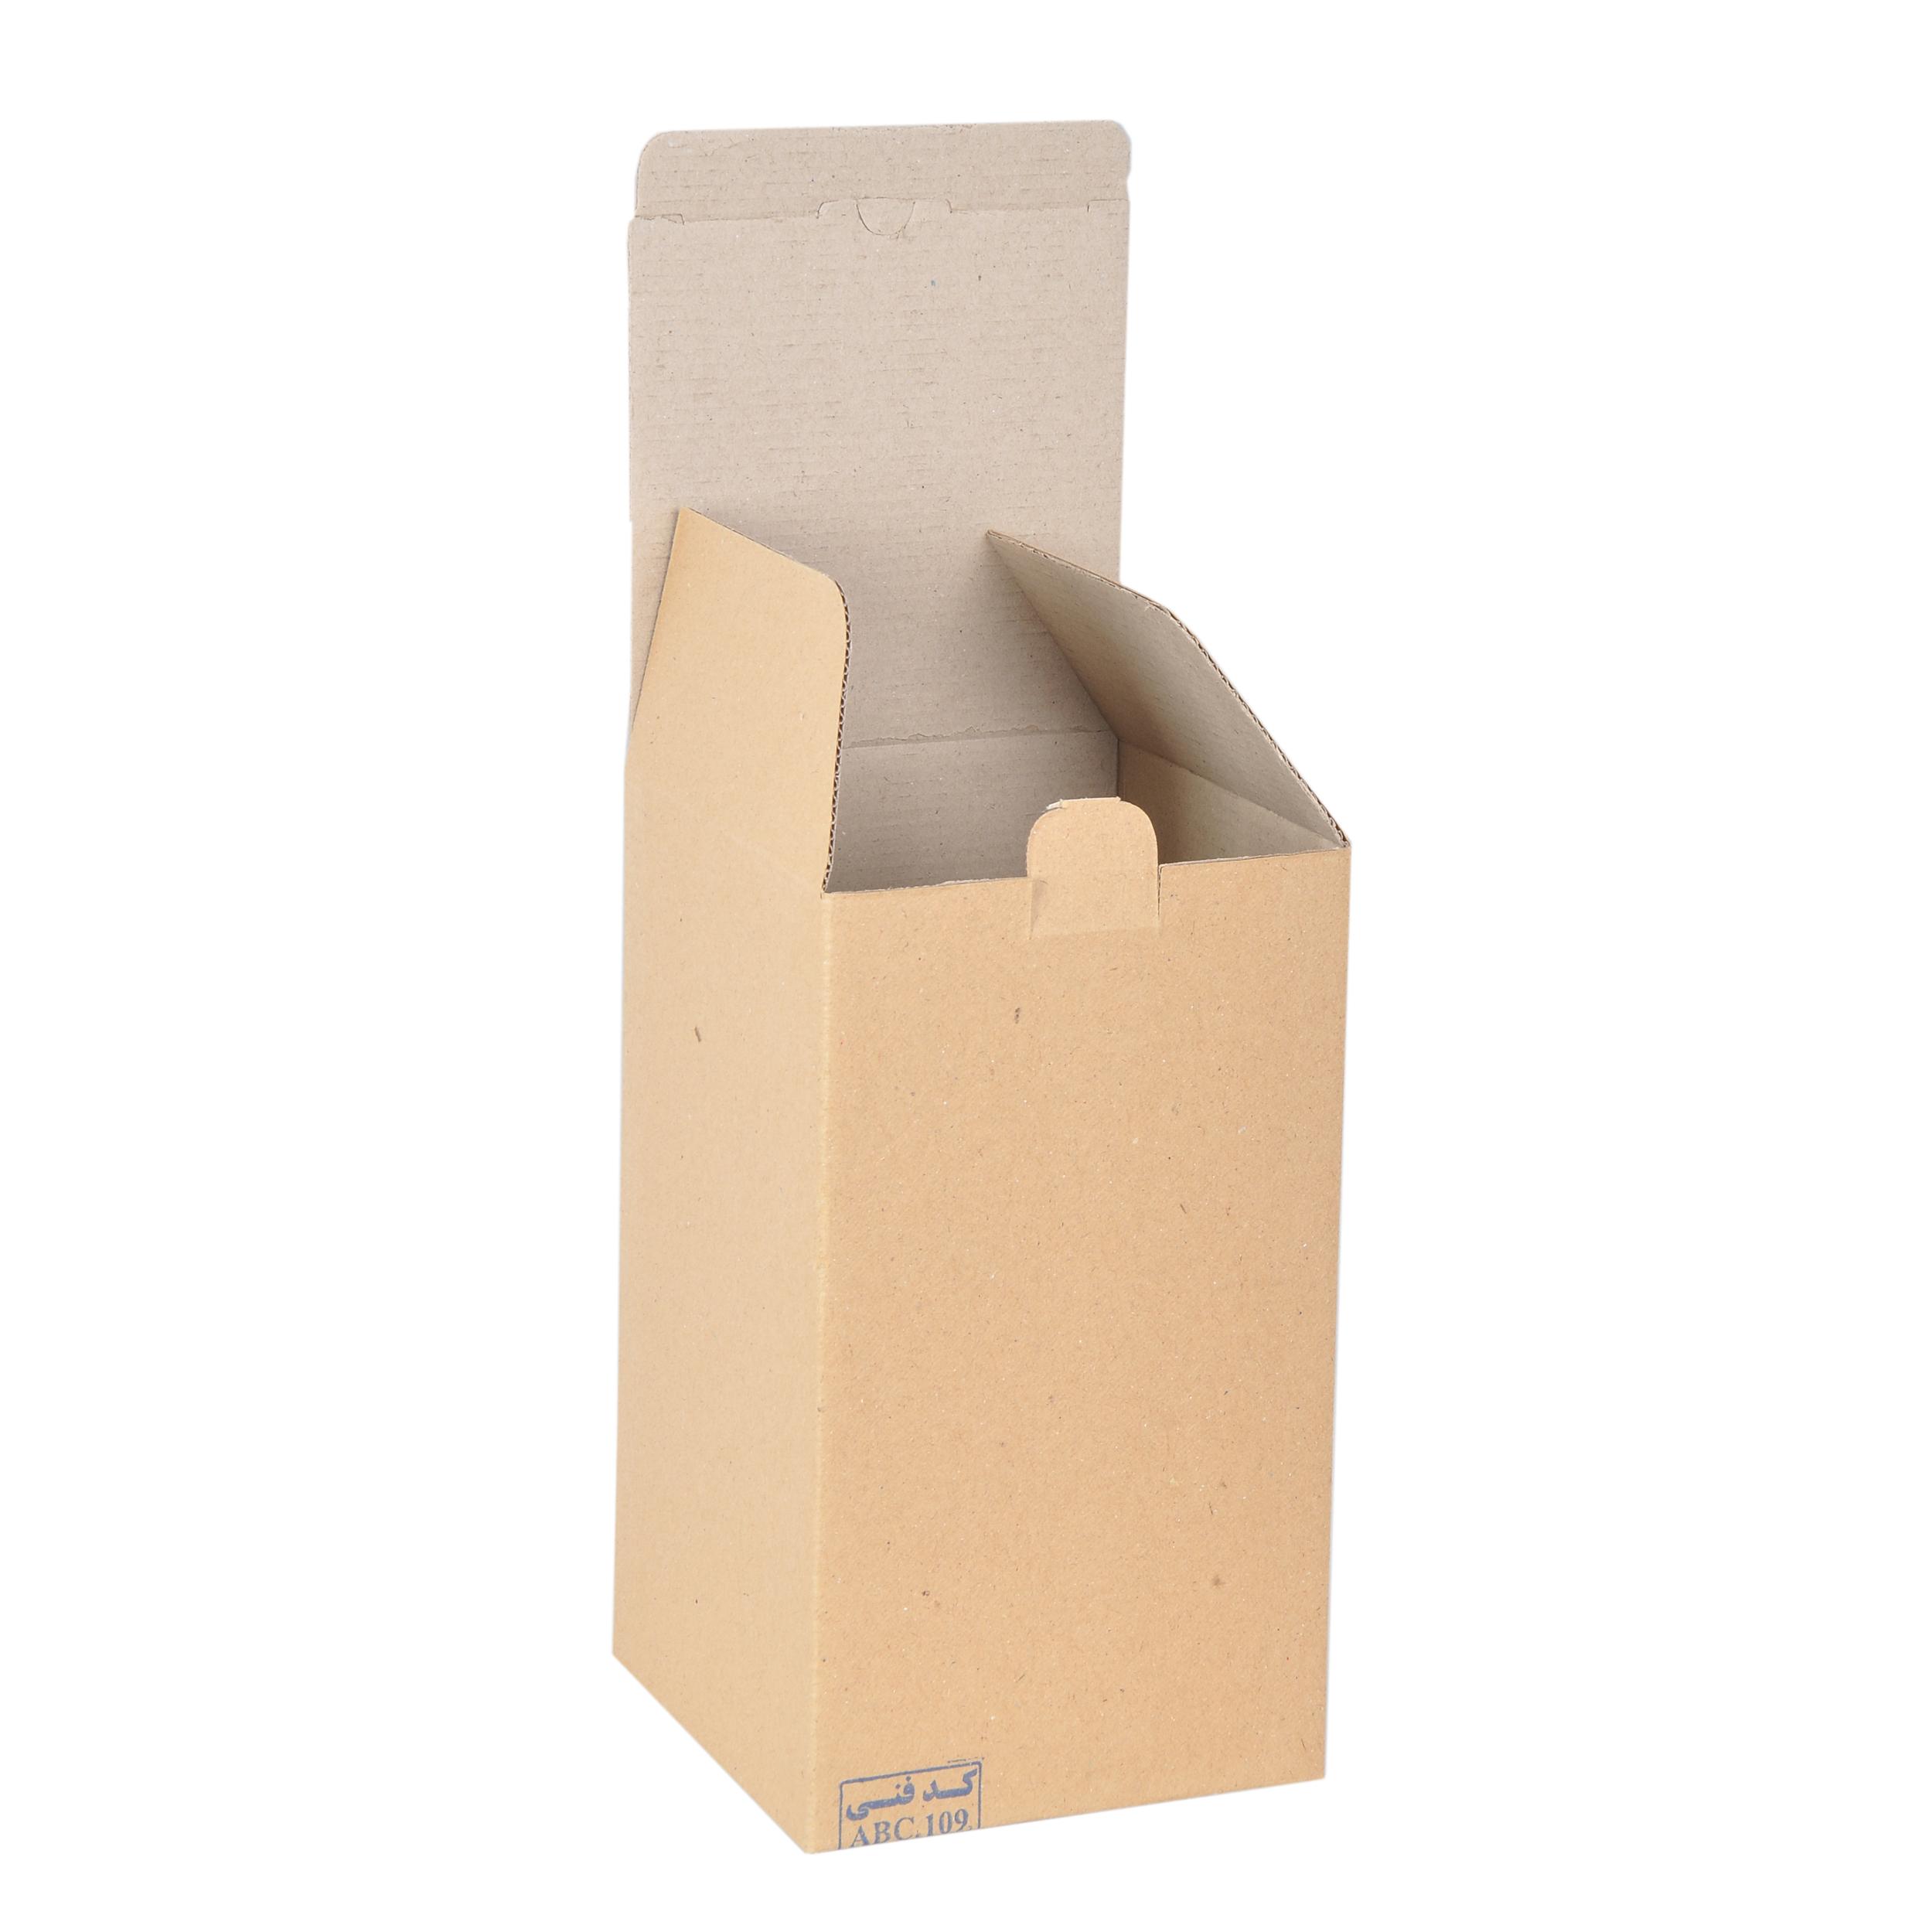 جعبه بسته بندی کد ABC.109 بسته 10 عددی